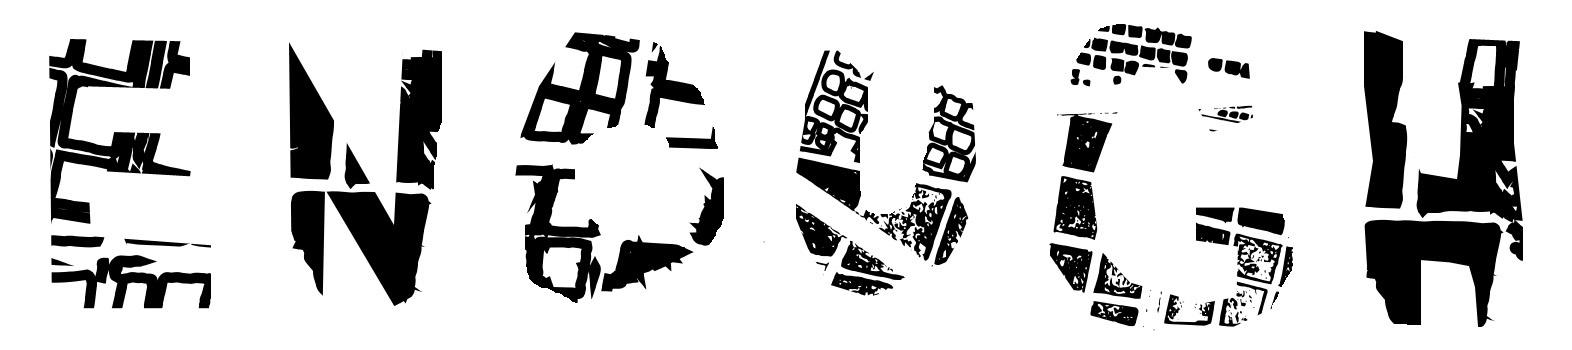 cutout10enough.jpg